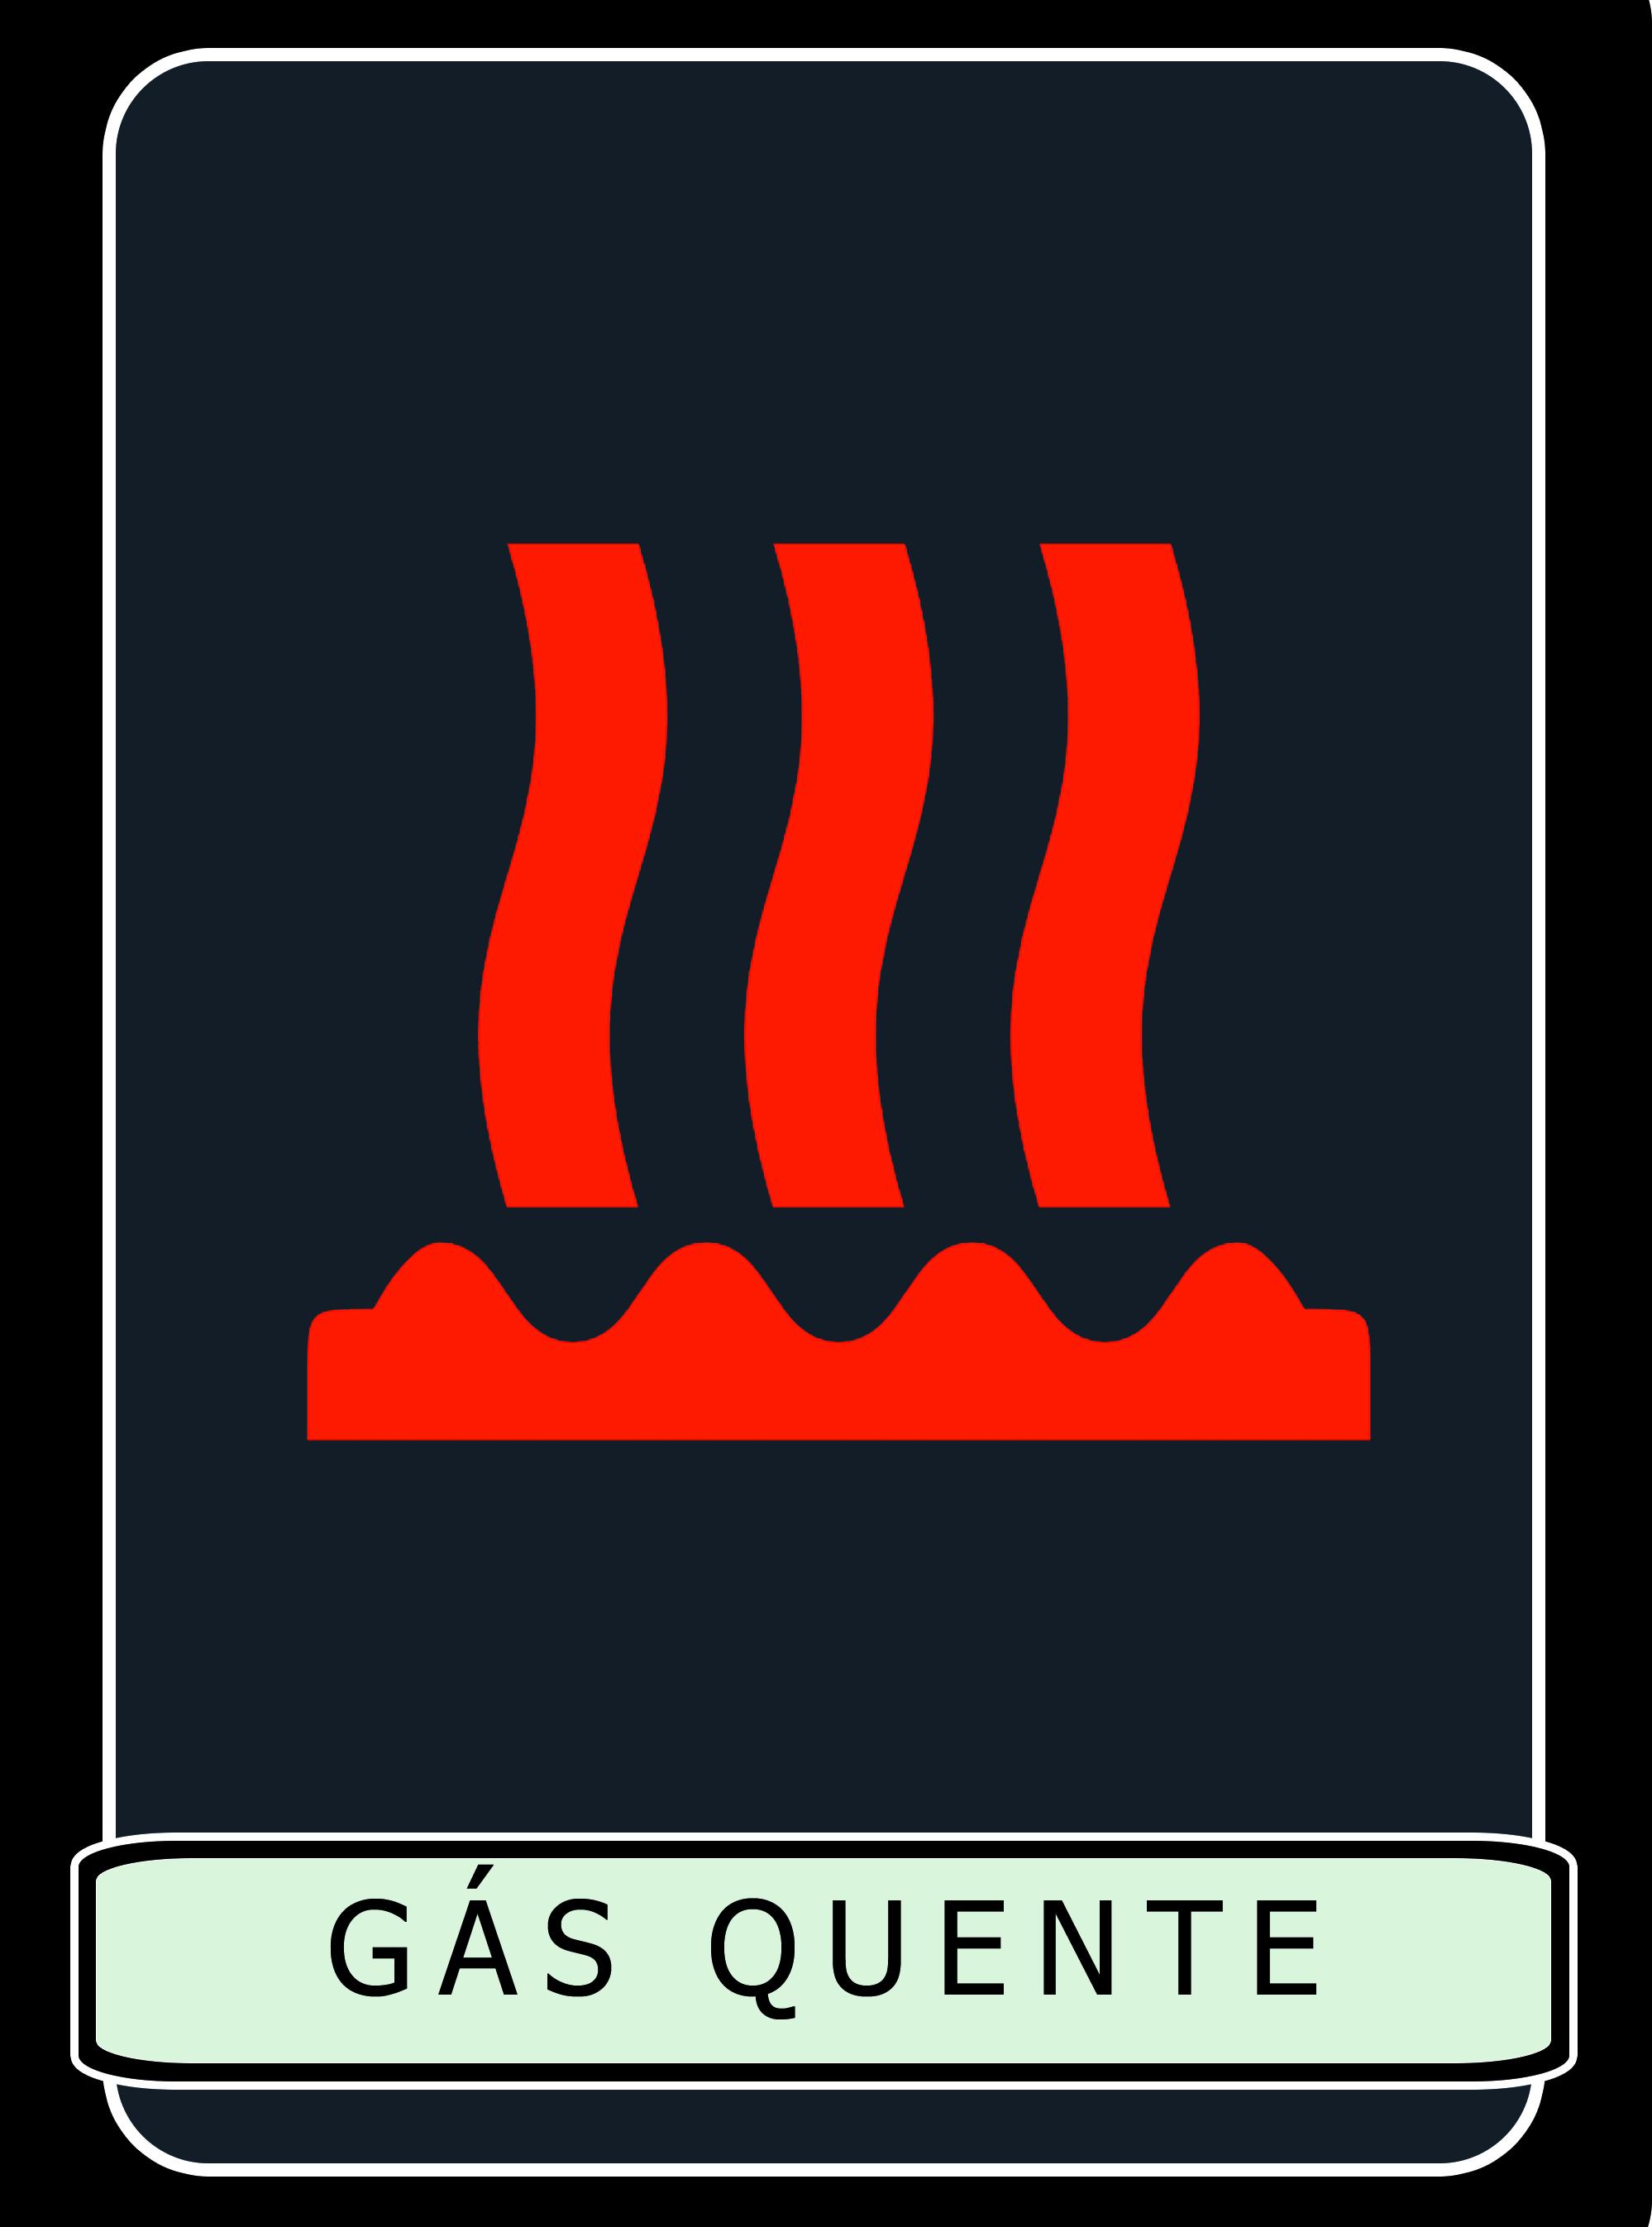 Gás_Quente